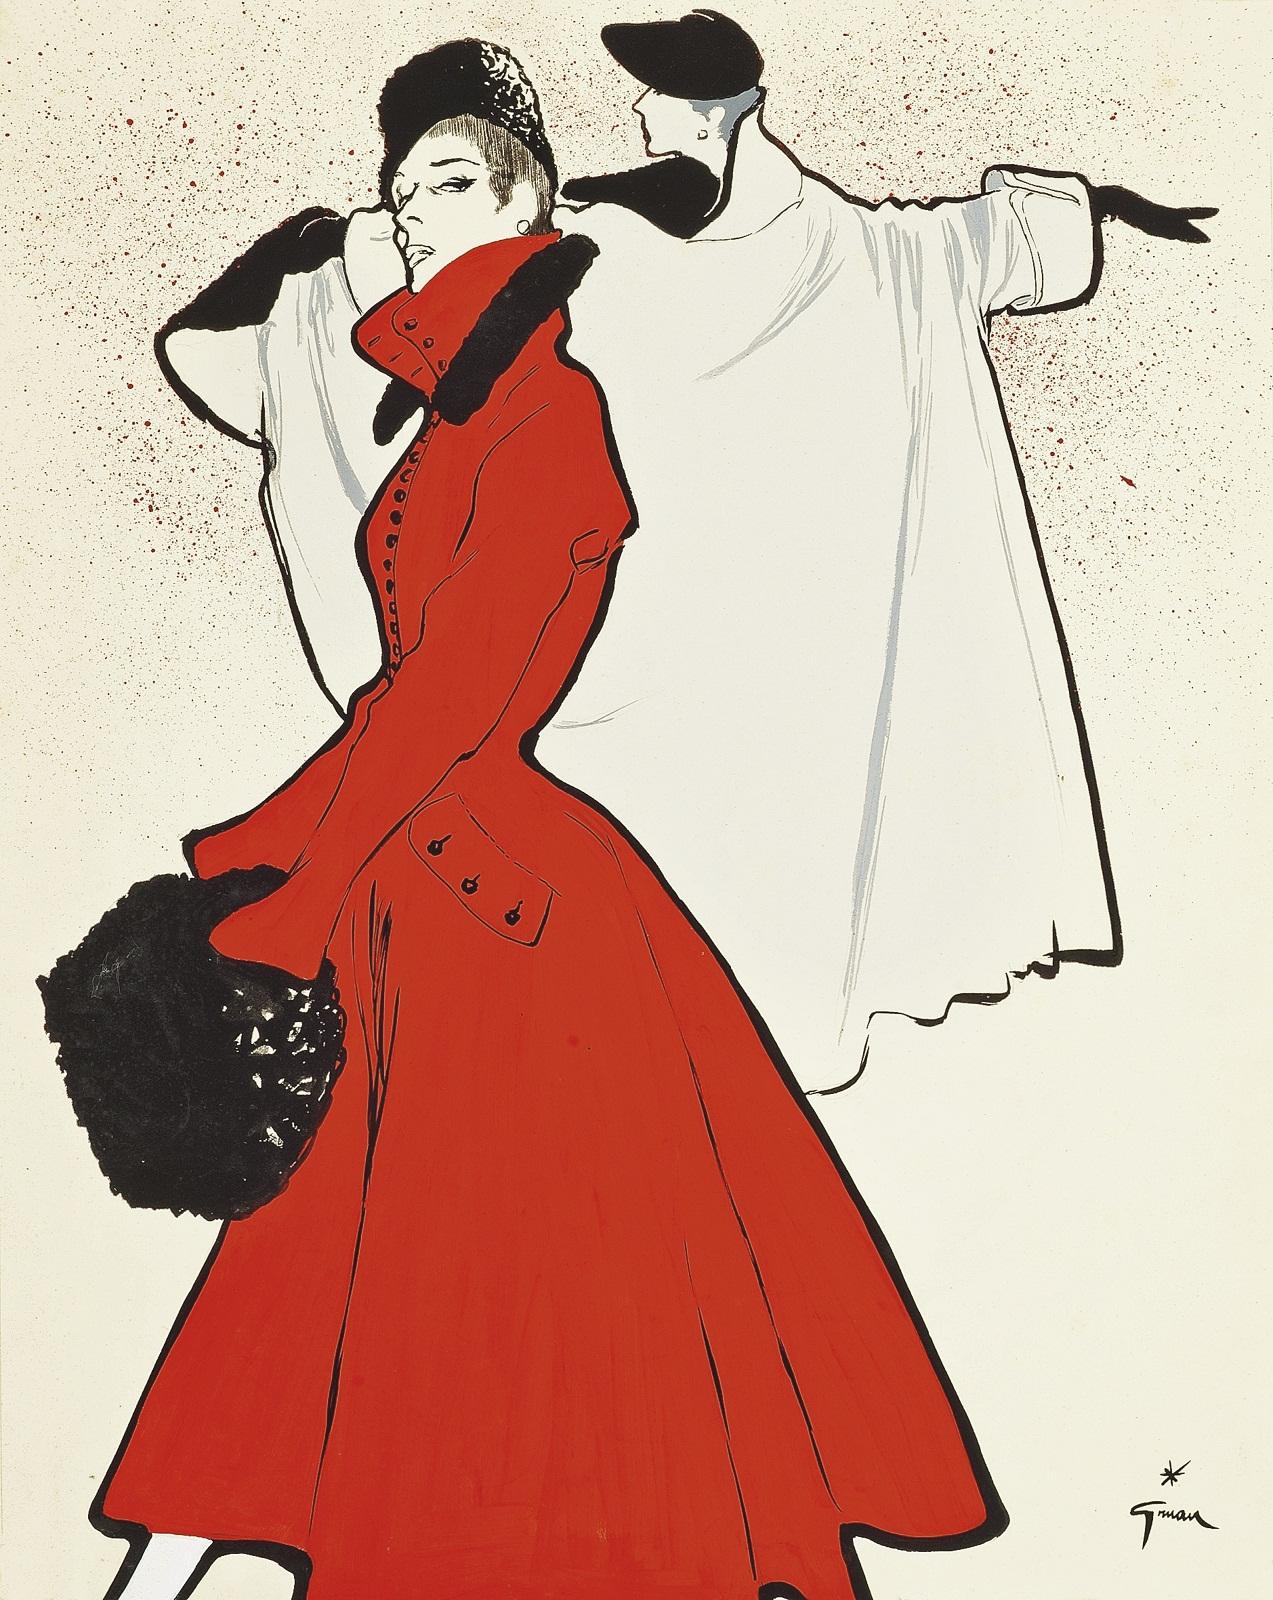 Rene-Gruau-the-red-coat-1950